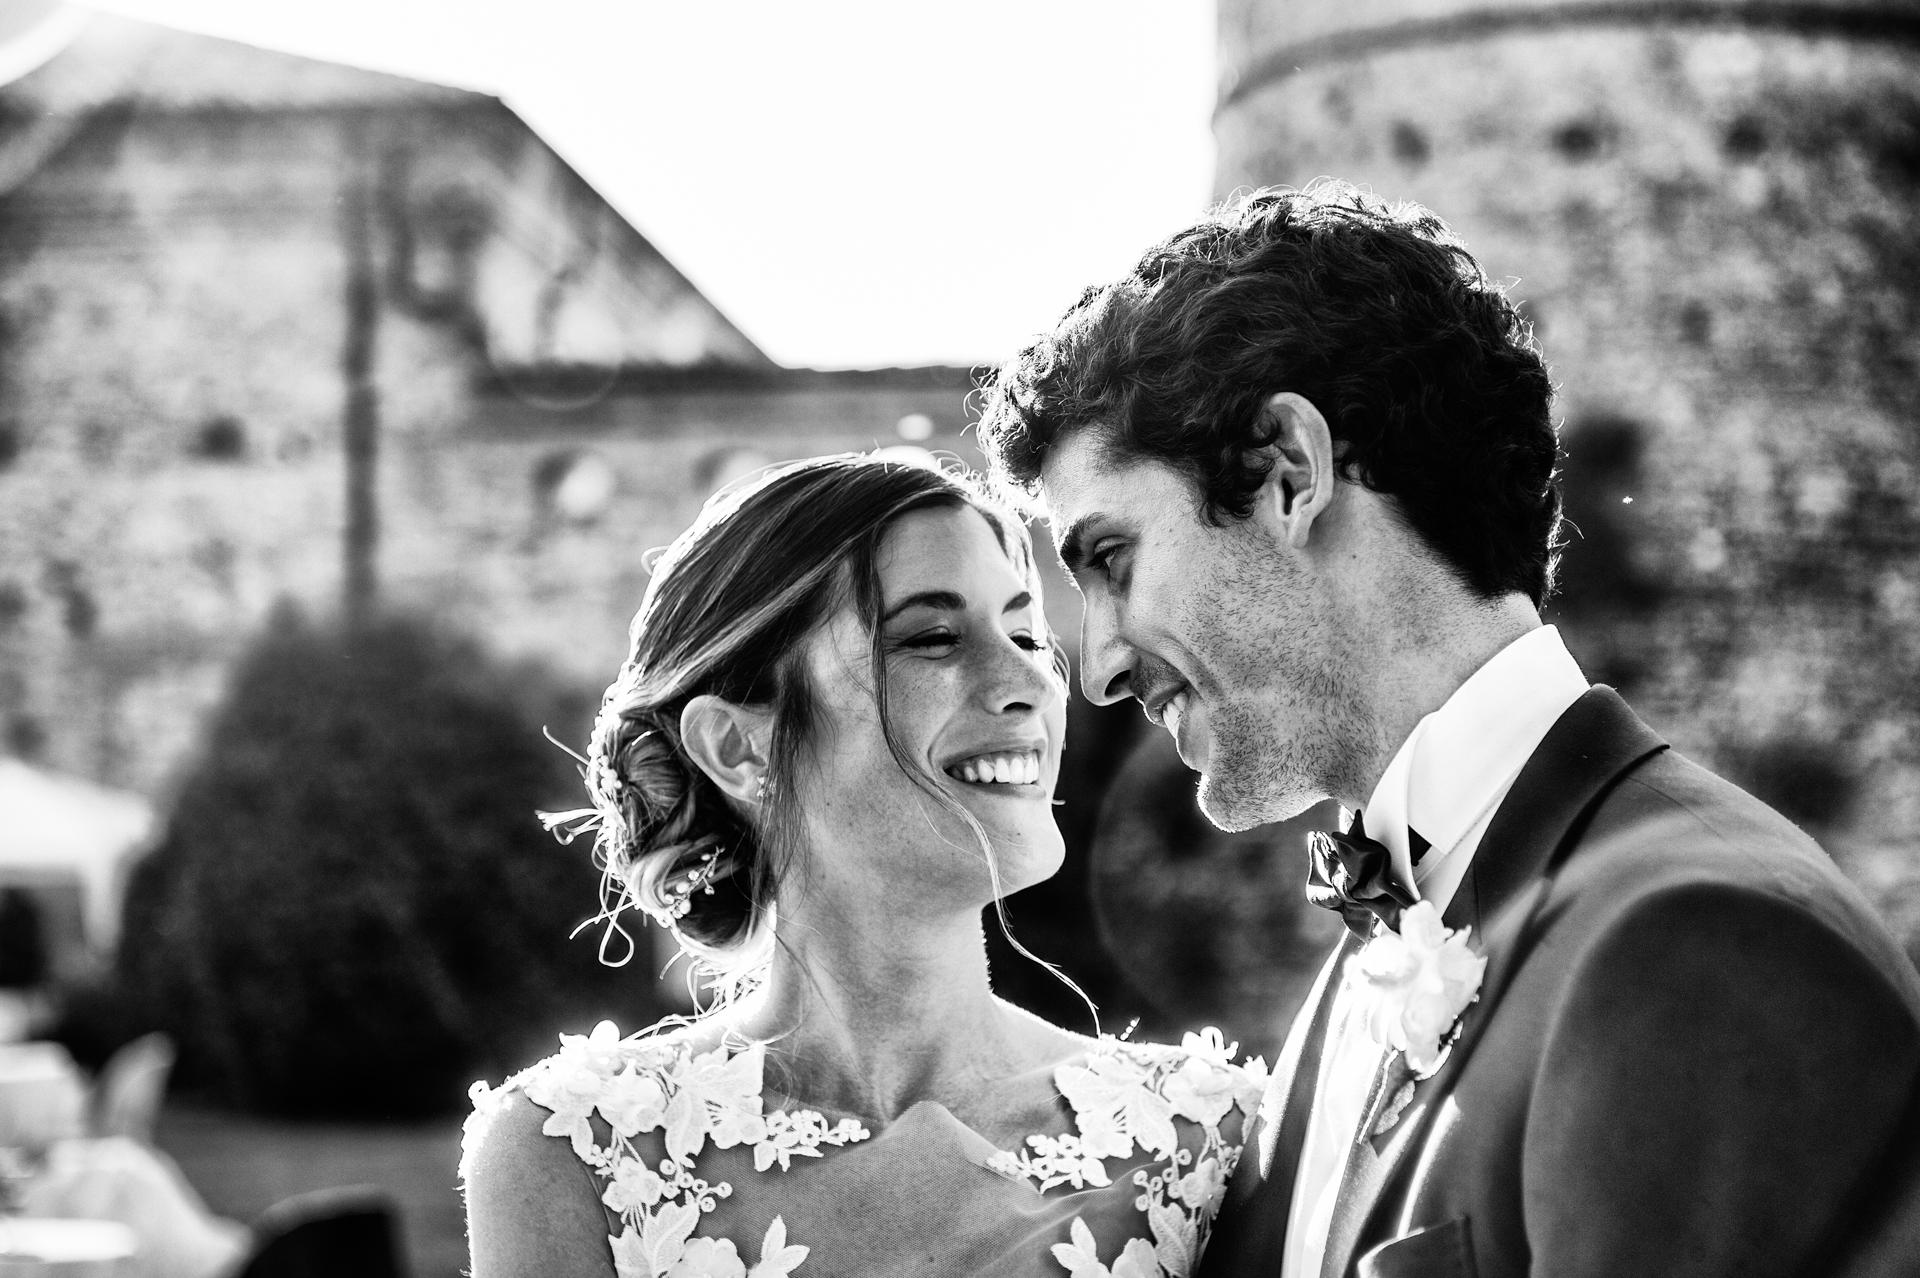 fotografo-matrimonio-parma-16.JPG